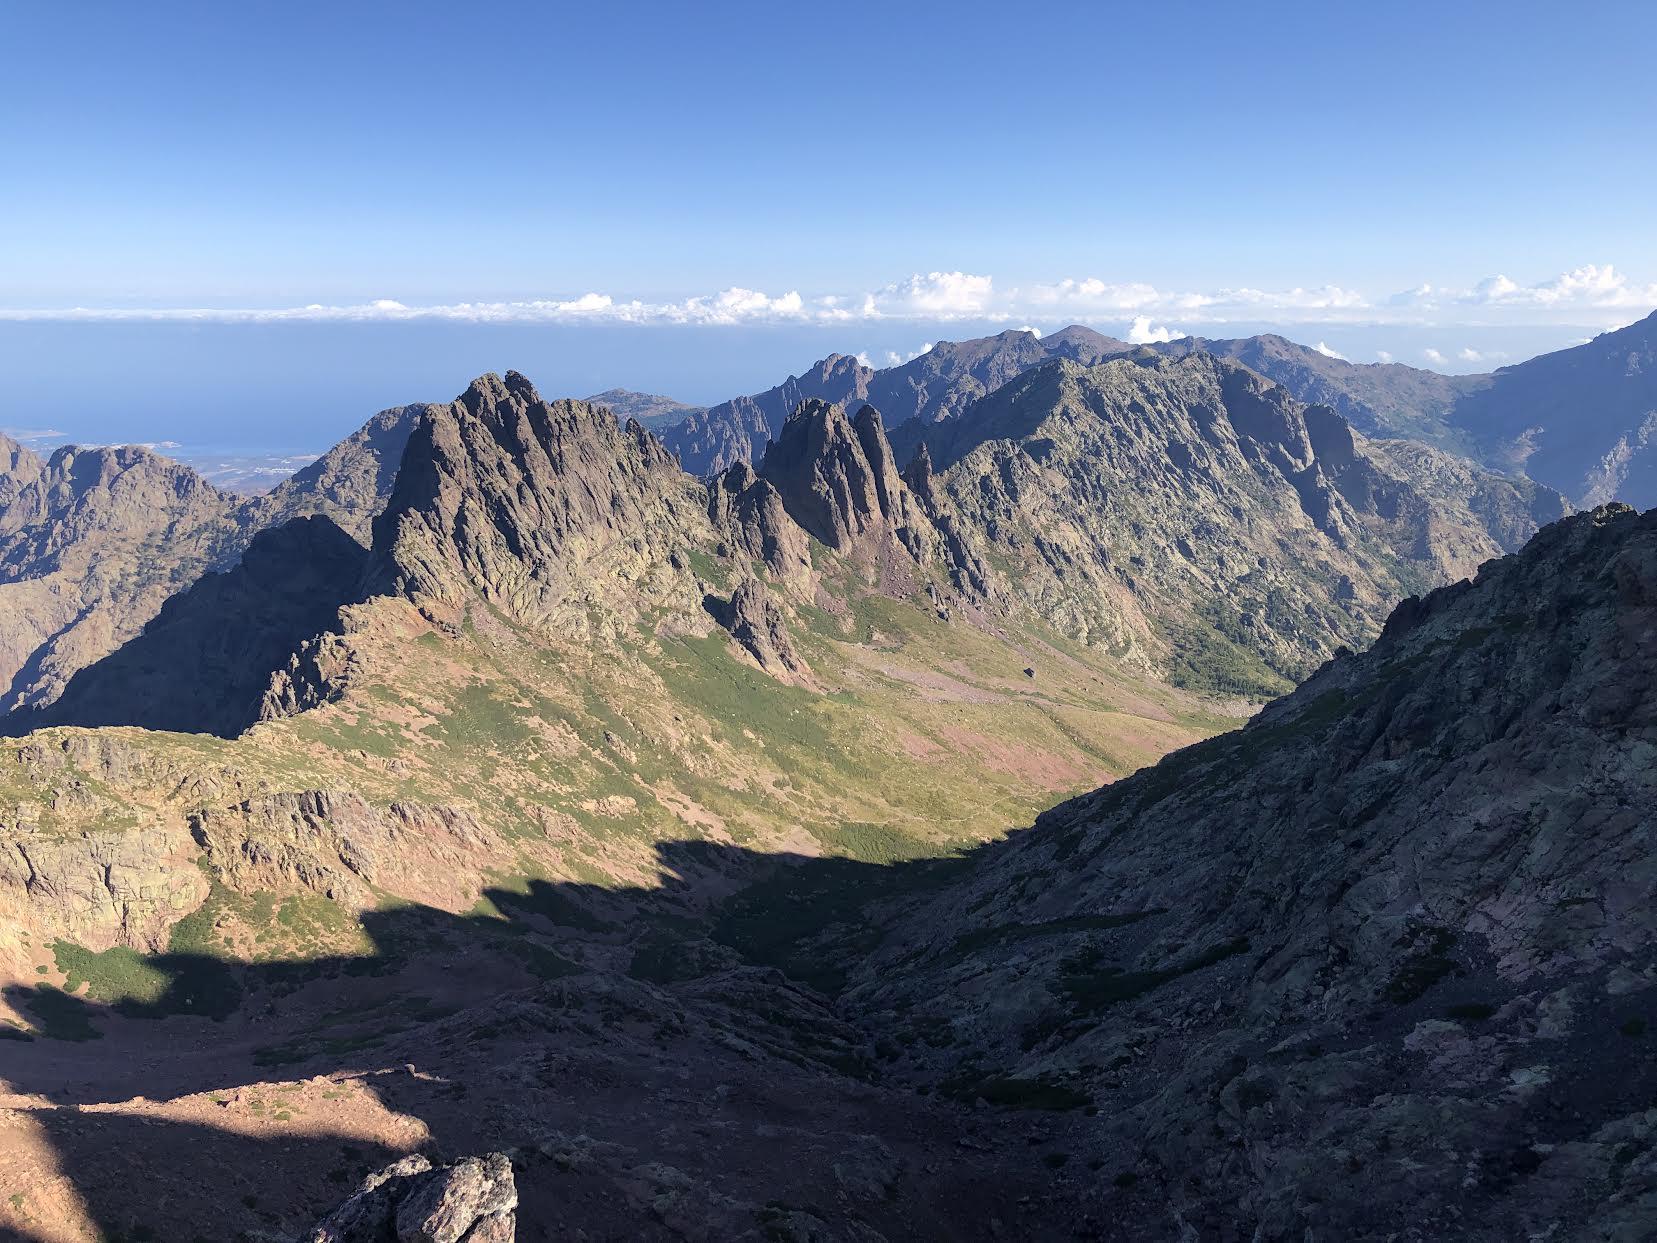 La vallée d'Ascu prise depuis le sommet de la Punta Rossa (2247m) (Photo Jean Pierre)